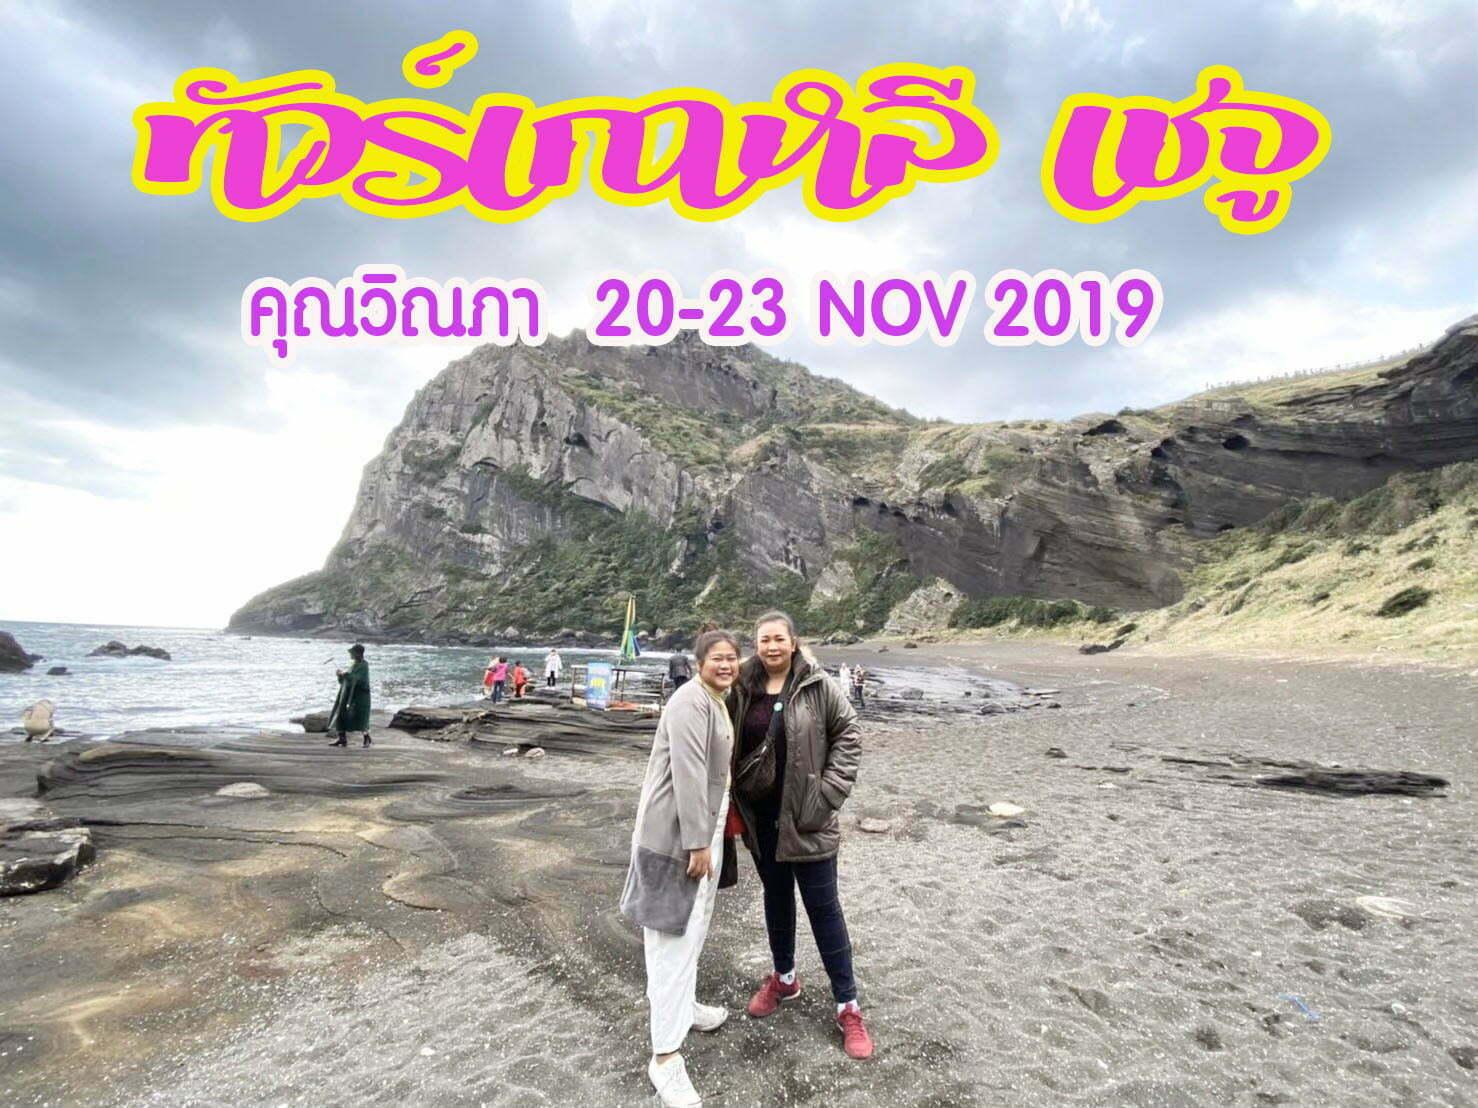 รีวิวทัวร์เกาหลี เชจู คุณวิณภา 20-23 NOV 2019